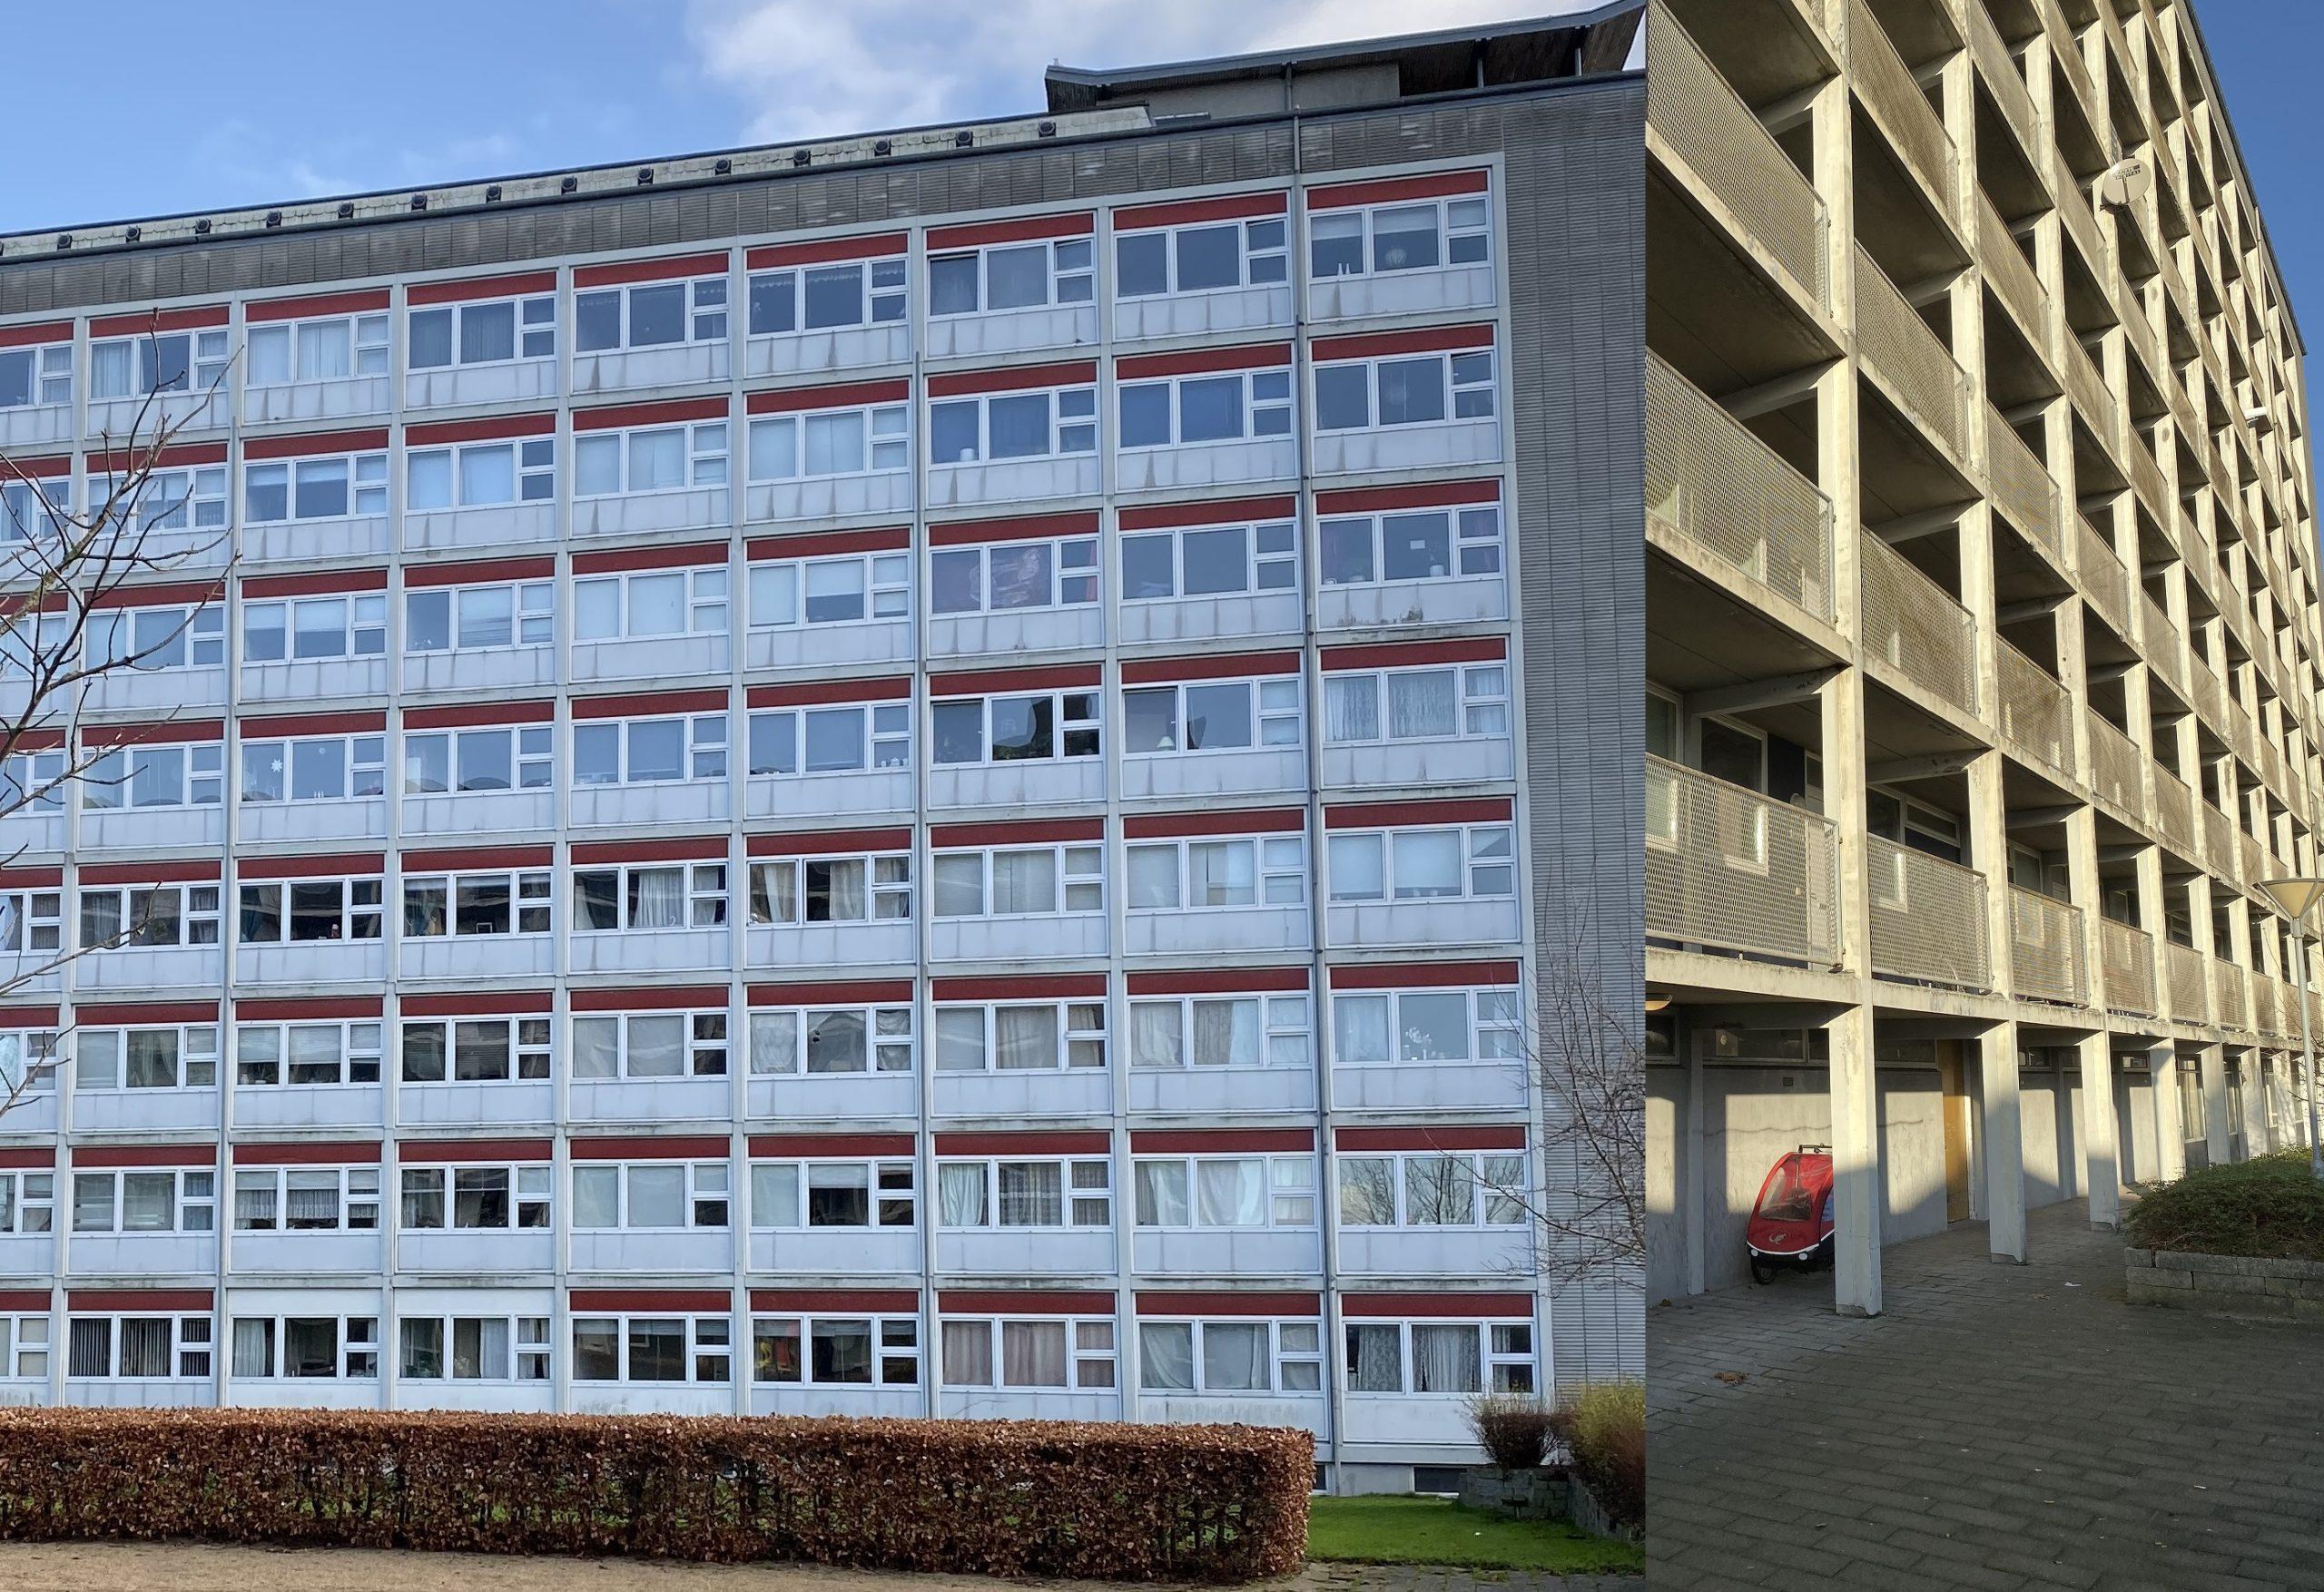 Fire 8-etagers boligblokke i Odense